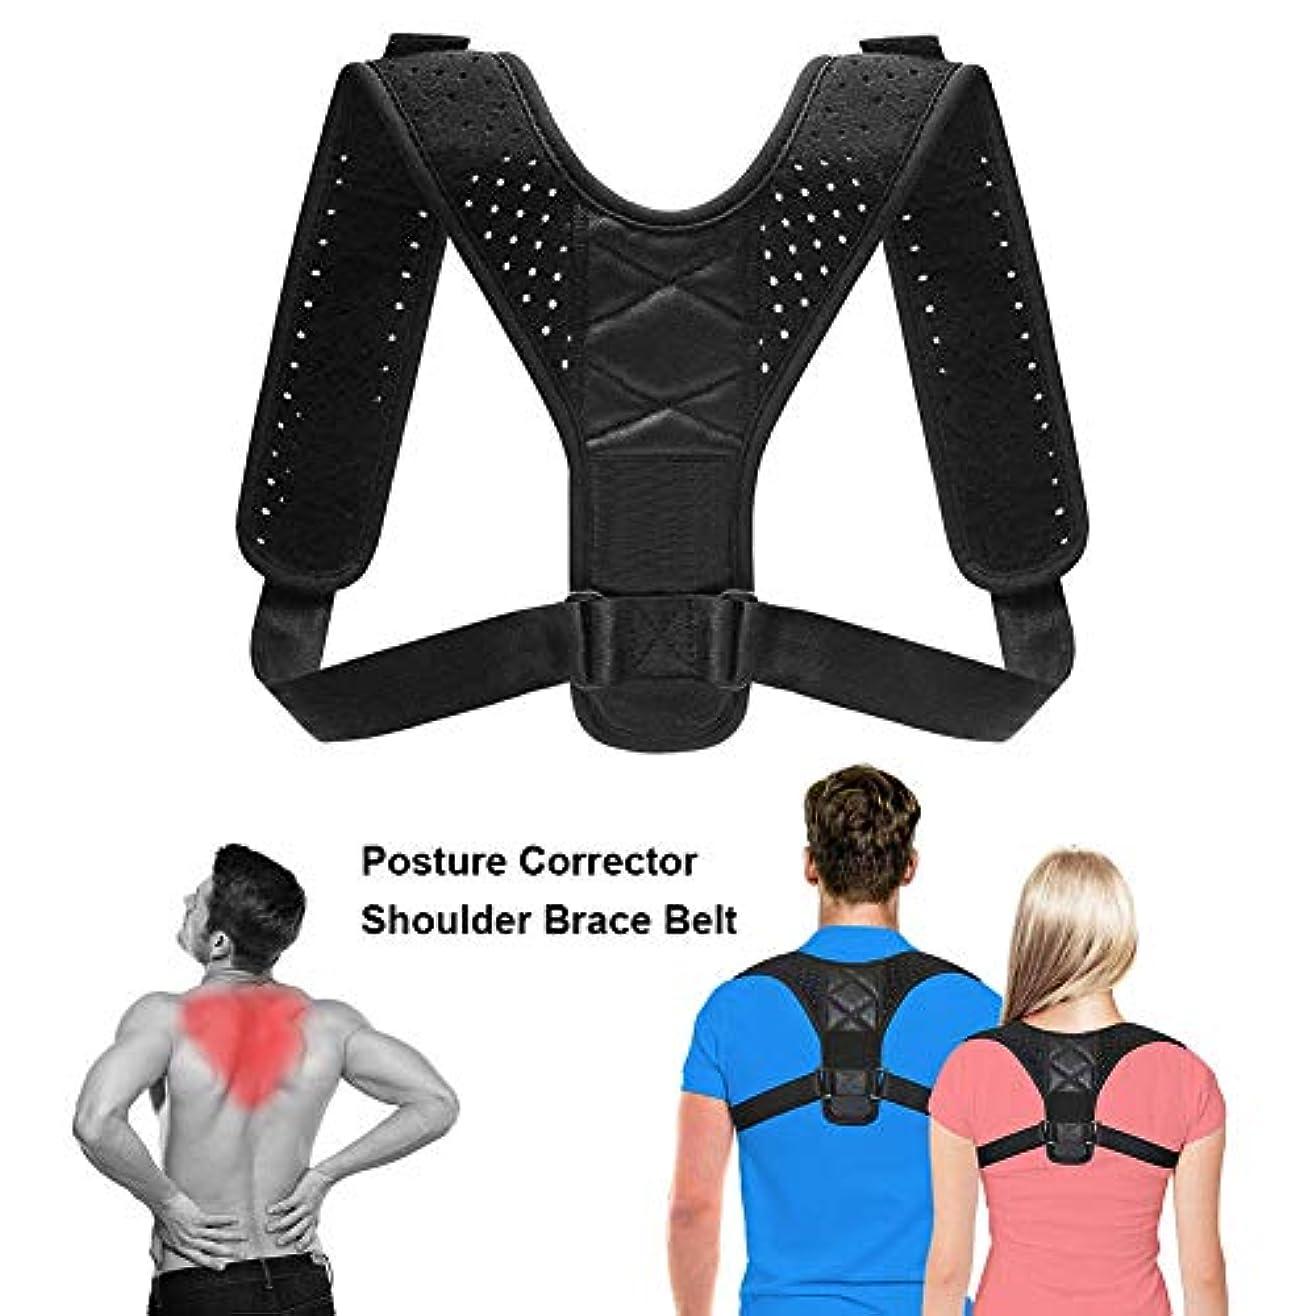 エリートカートリッジ組み合わせボディウェルネス姿勢矯正器バックストレート肩ブレースストラップ正しい男性女性腰椎調節可能サポートベルトコルセットハングバック矯正